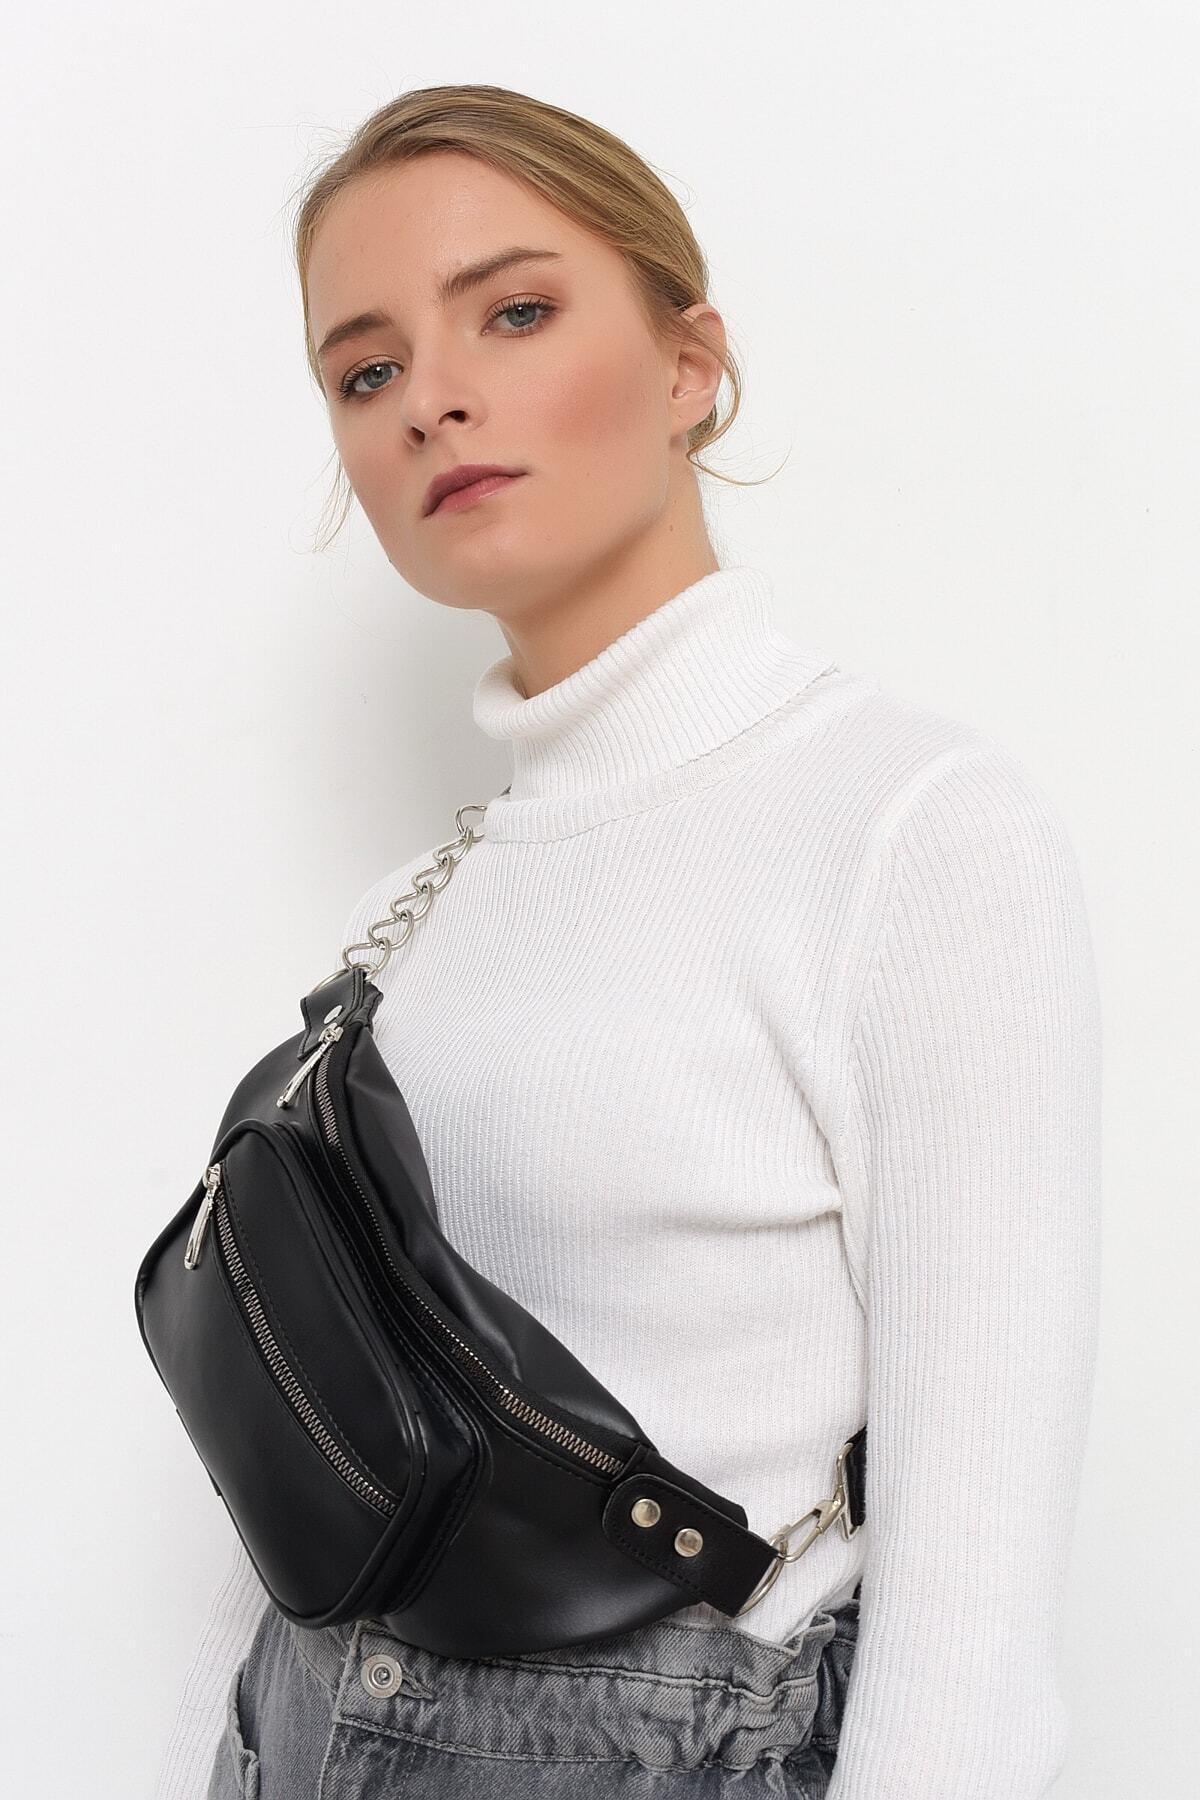 Bagzone Kadın Siyah Bel Çantası 10hd3002 1